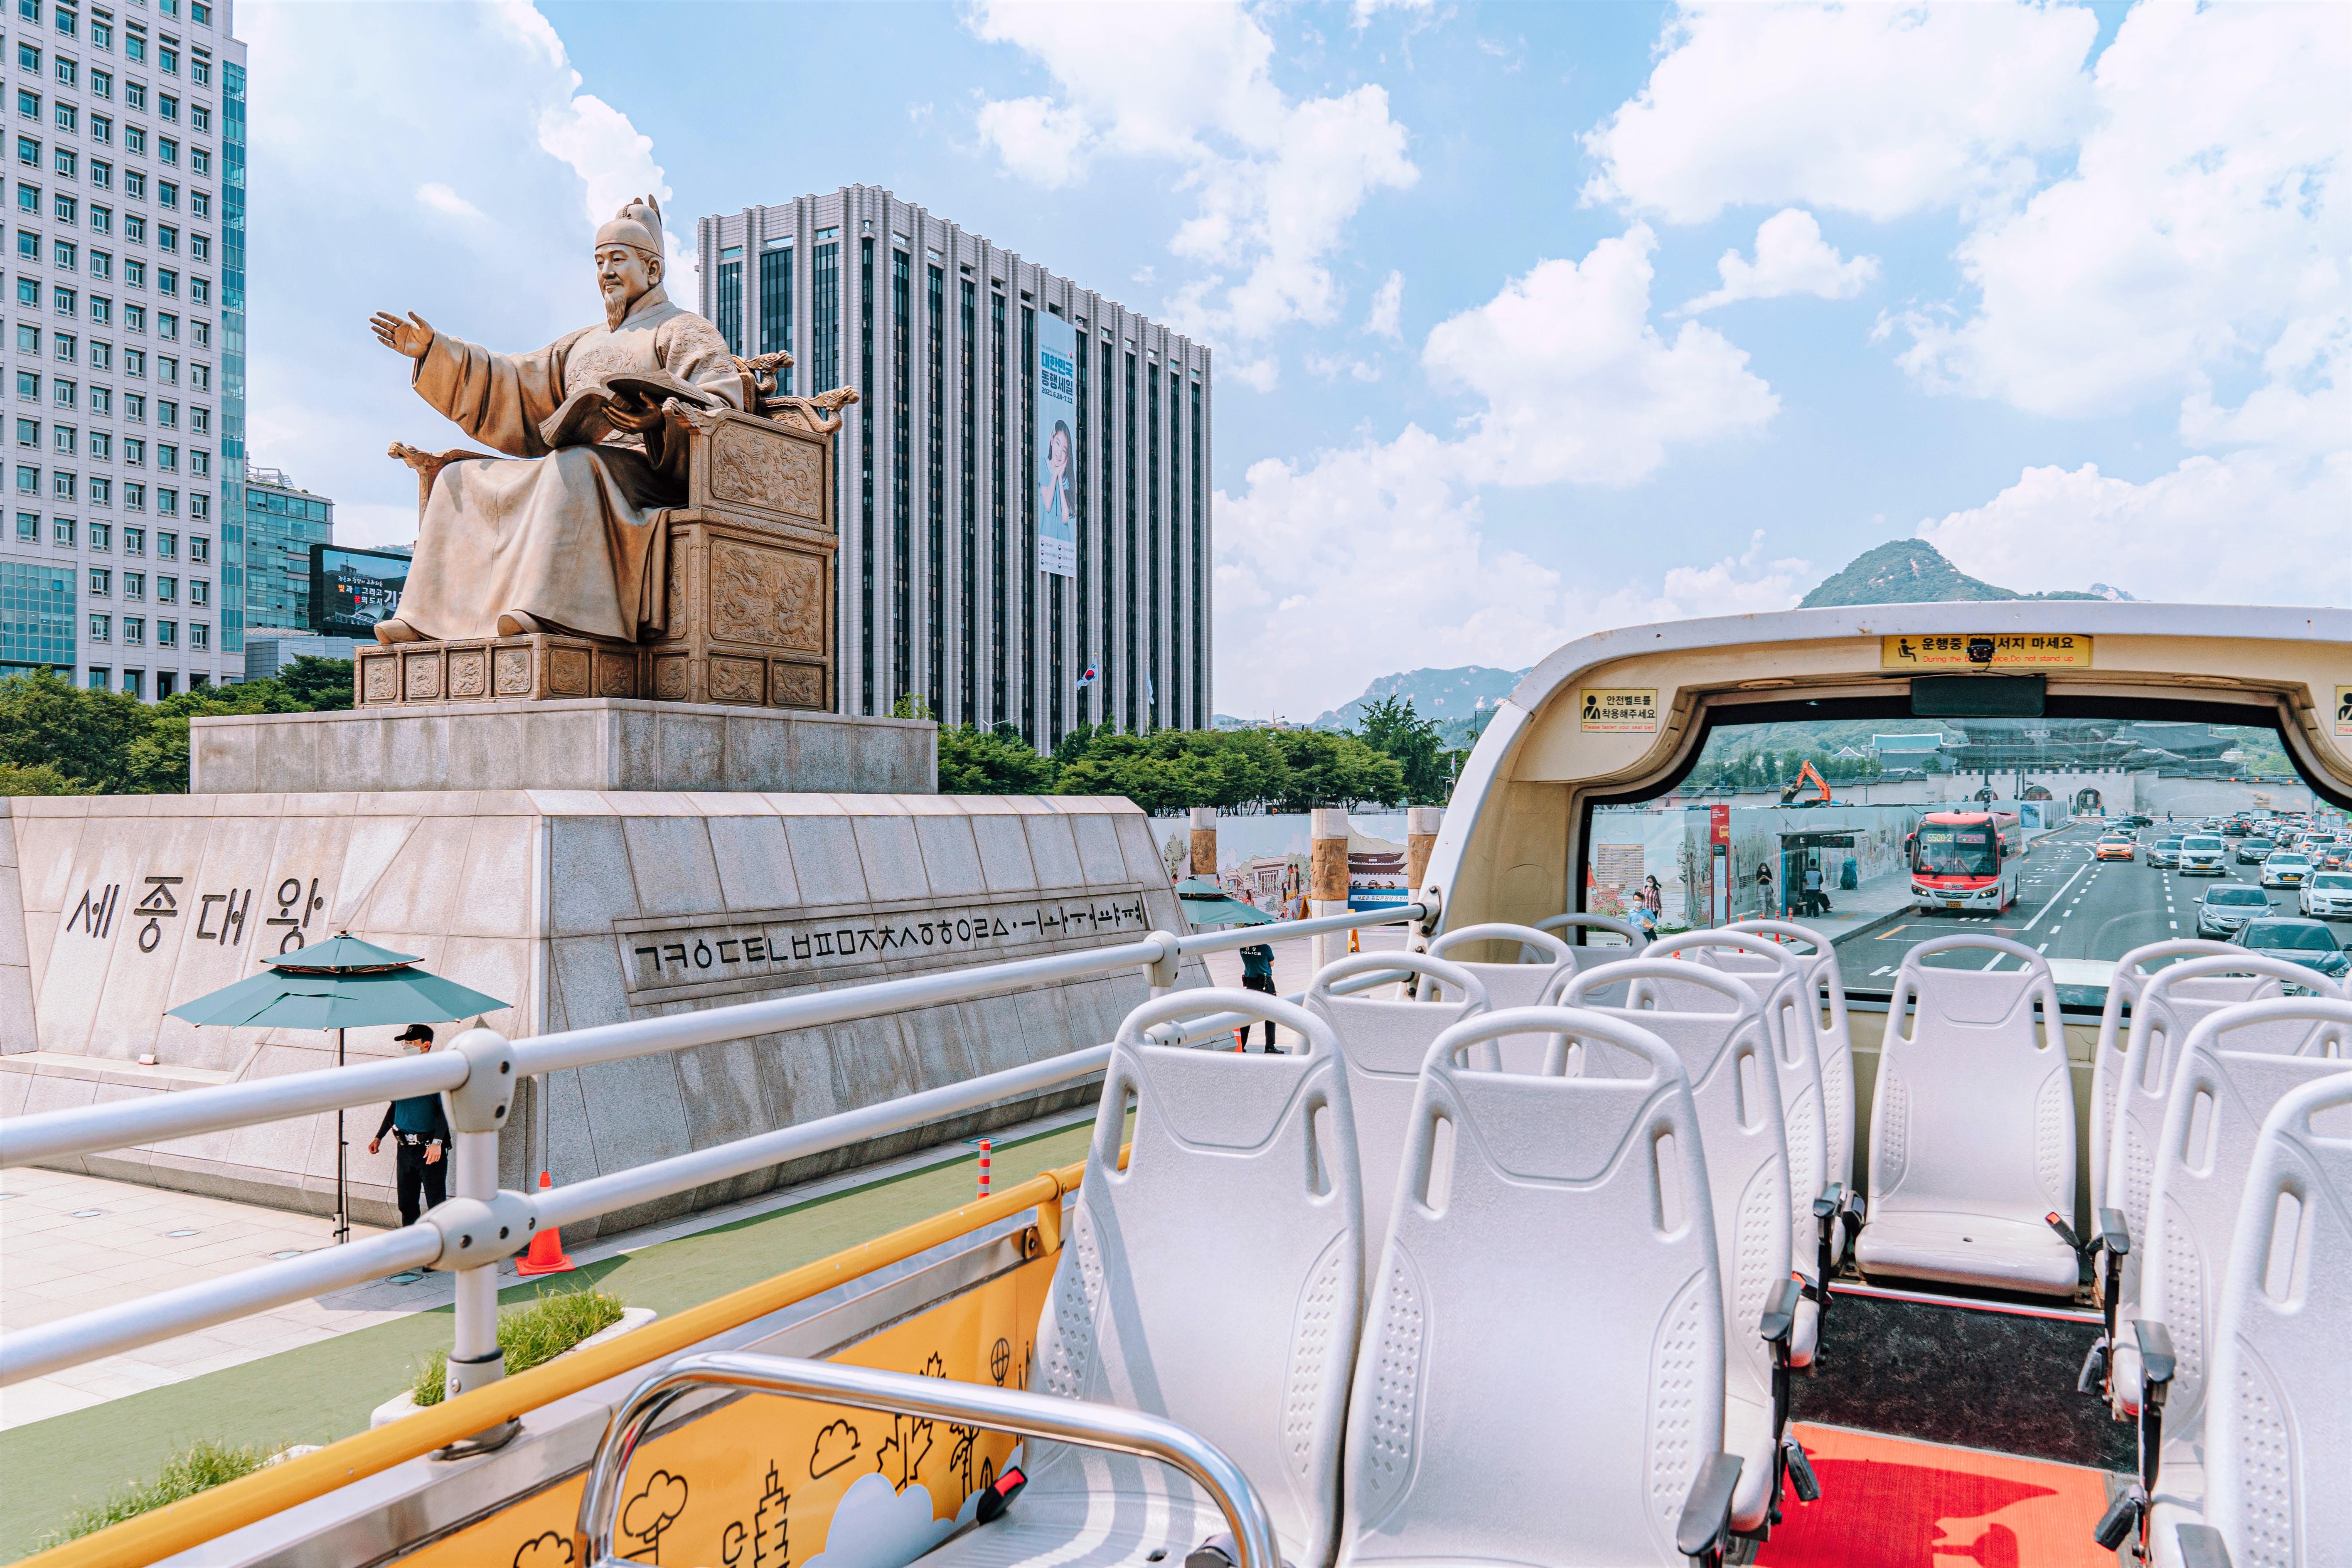 在首爾城市觀光巴士上看到的世宗大王銅像和後面美麗的雲彩、天空和道路上的車輛